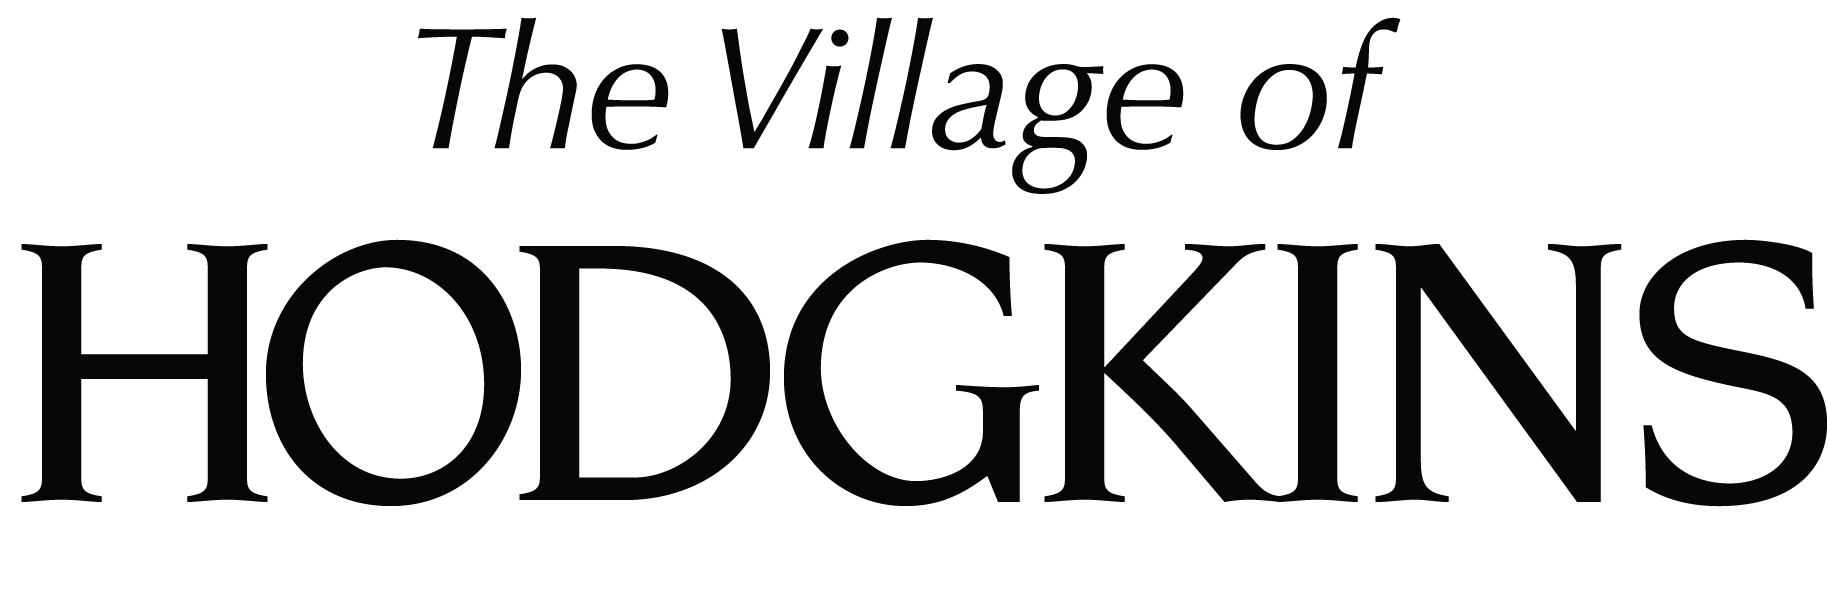 Village of Hodgkins logo